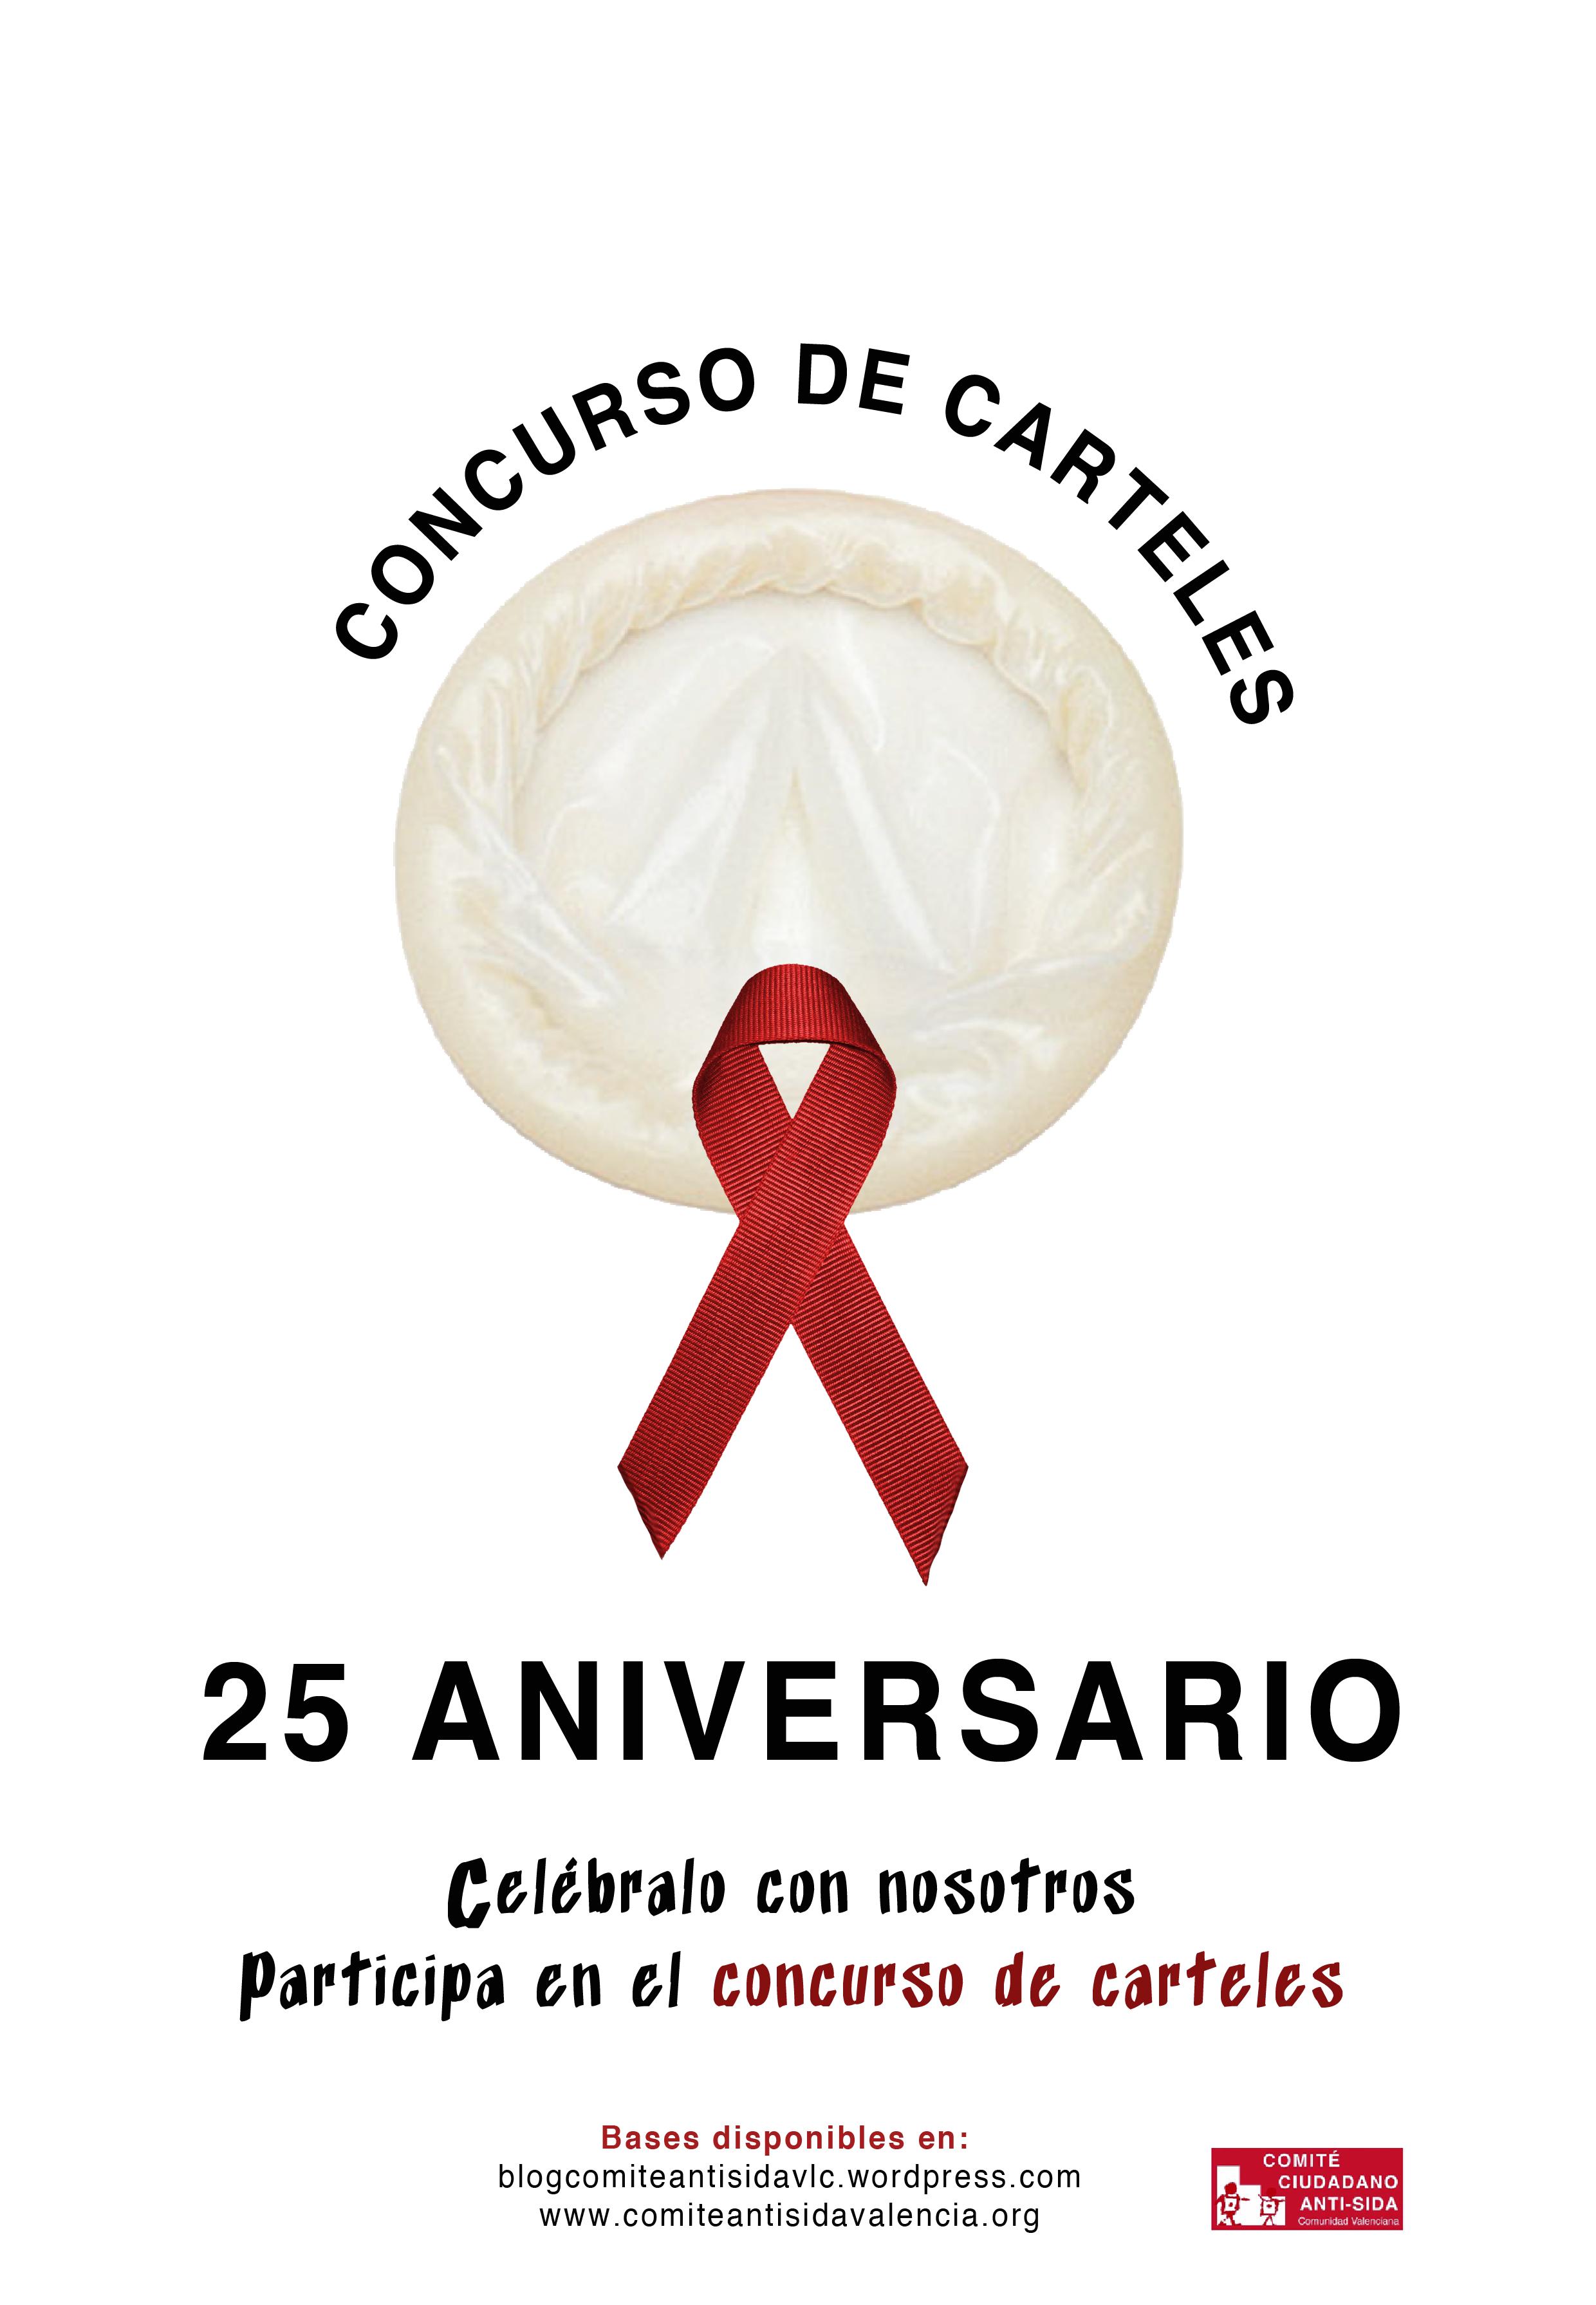 España Valencia Concurso De Carteles Del Comité Ciudadano